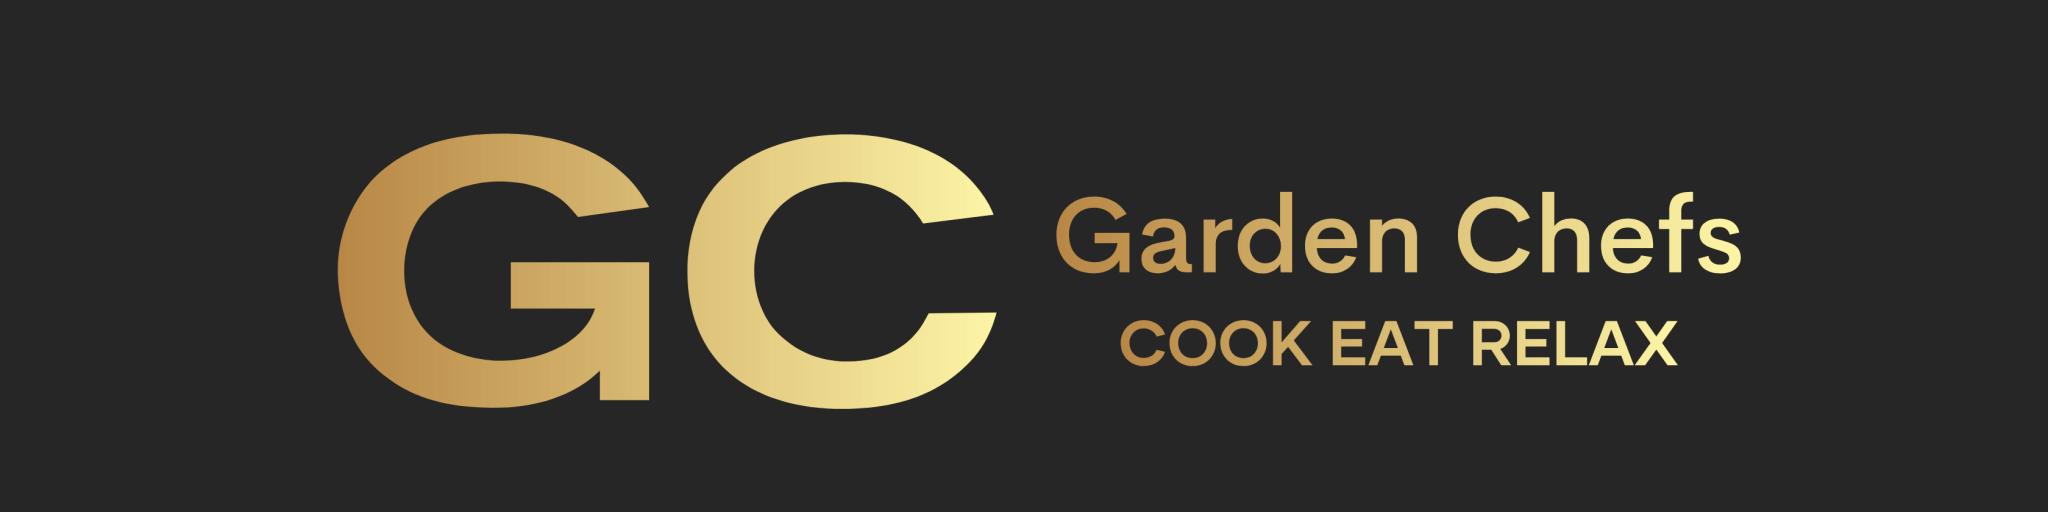 Garden Chefs